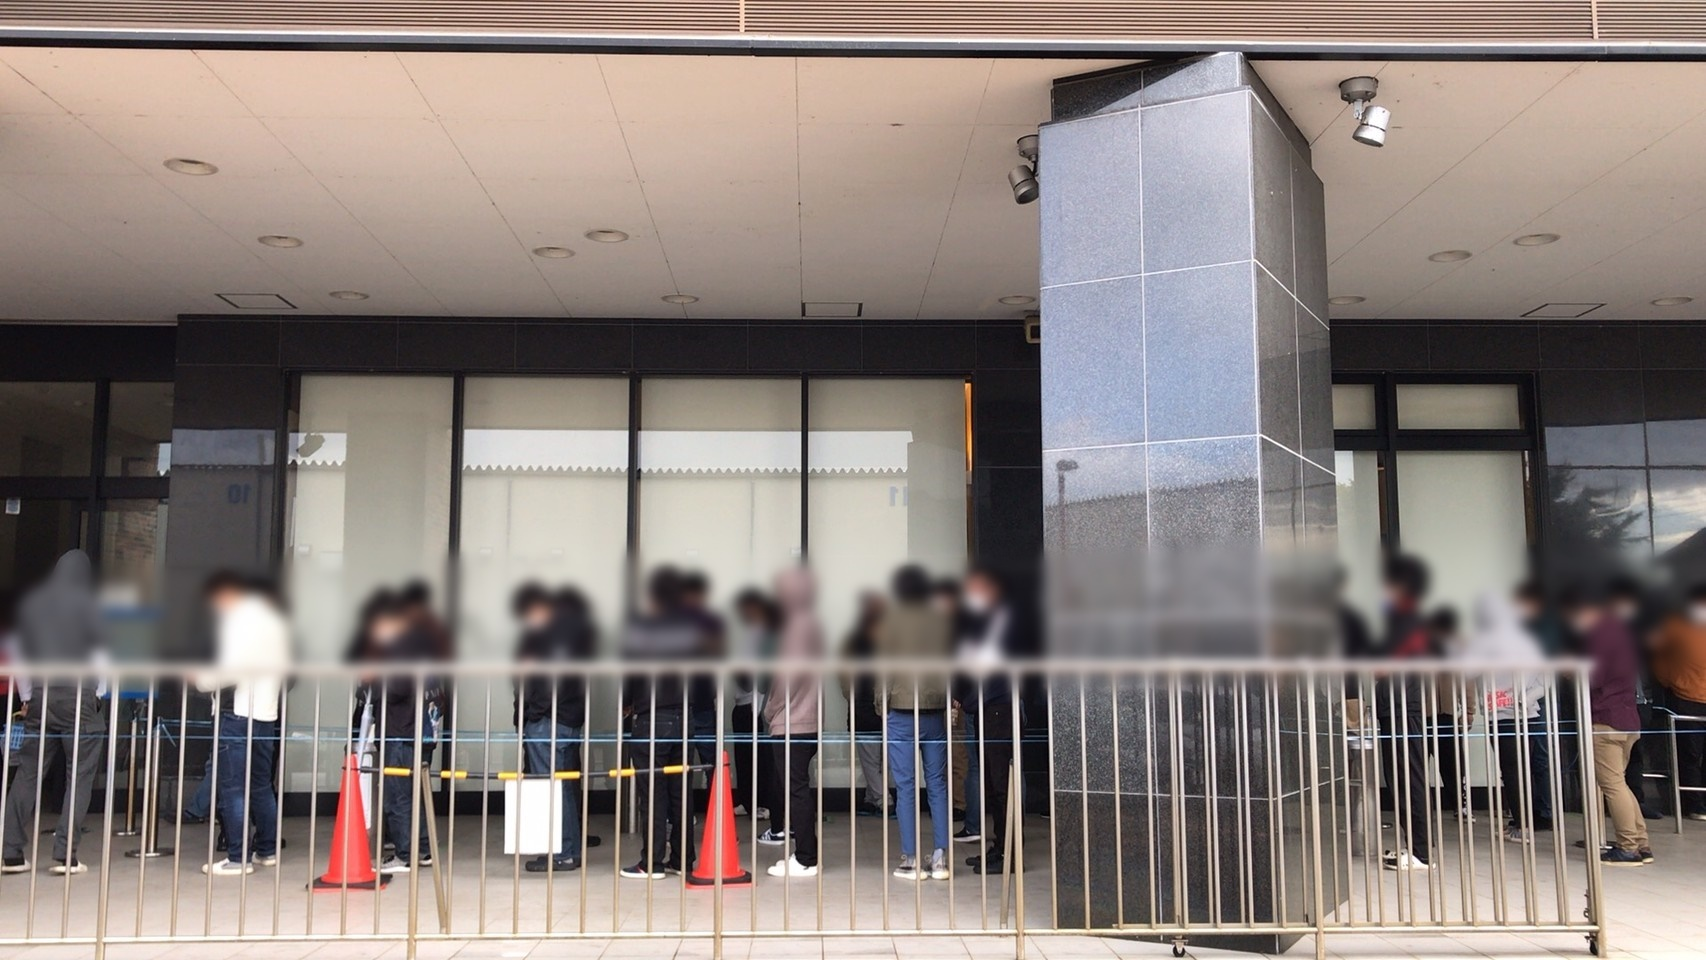 【大幅プラス!メイン機種&準メイン機種プラス多数!】10/25 DAMZ小千谷店 結果報告!